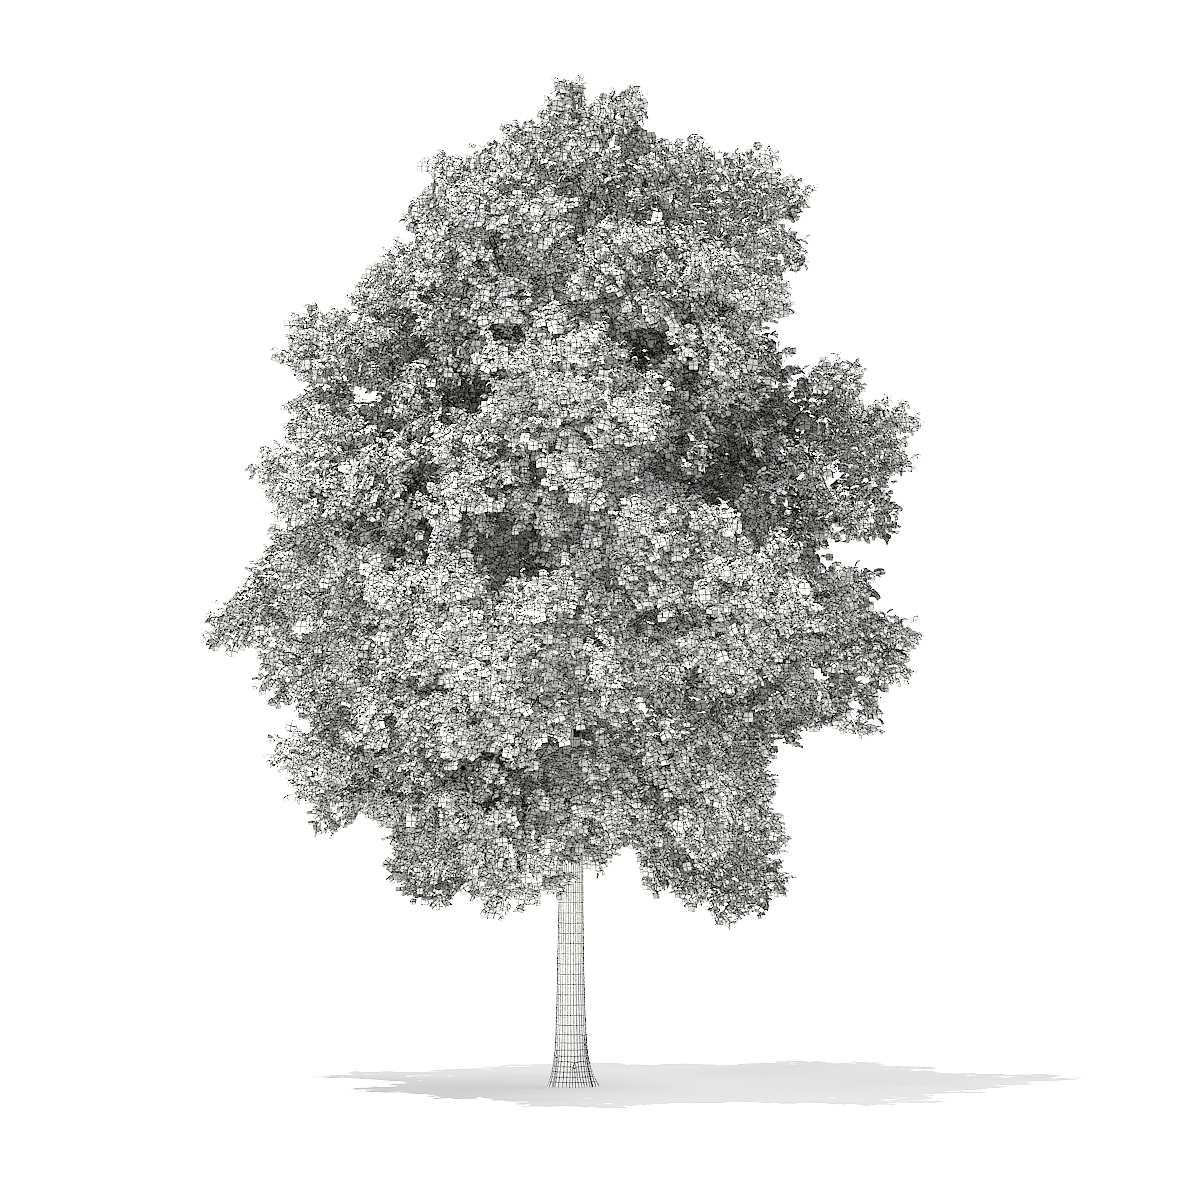 Horse Chestnut (Aesculus hippocastanum) 23.3m